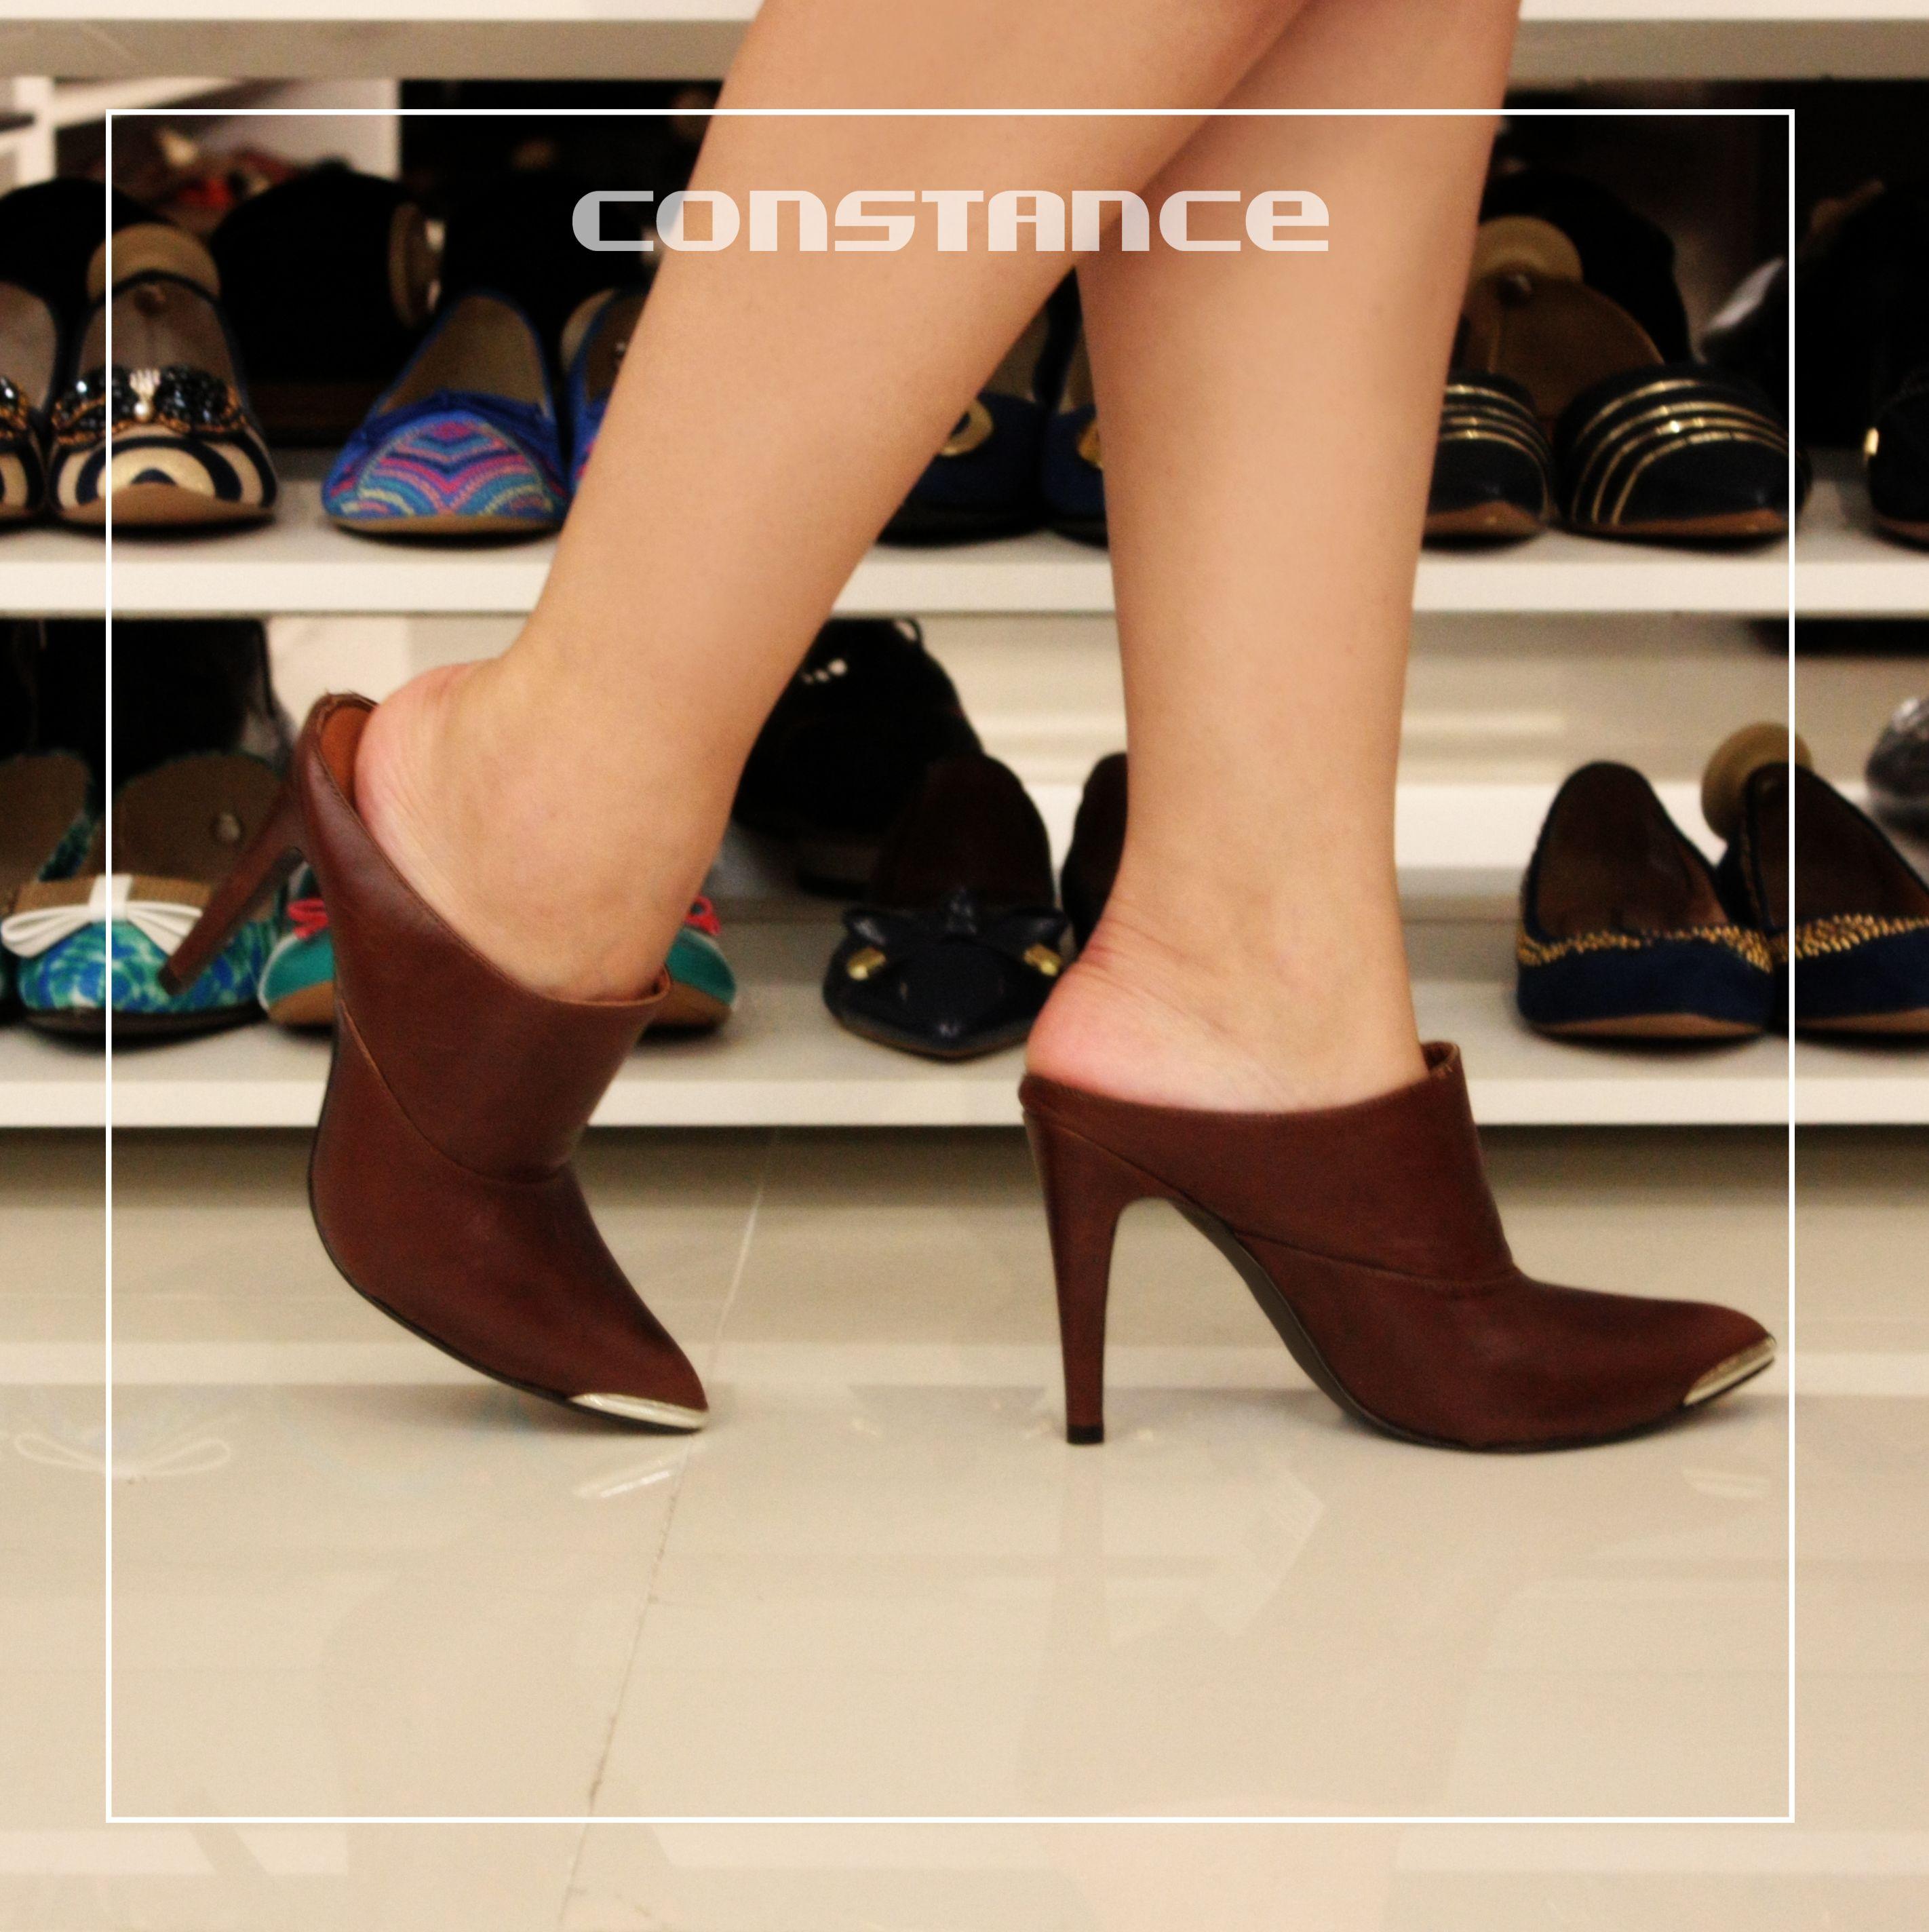 4a453c649a68e Pin de Constance Calçados em Constance Calçados